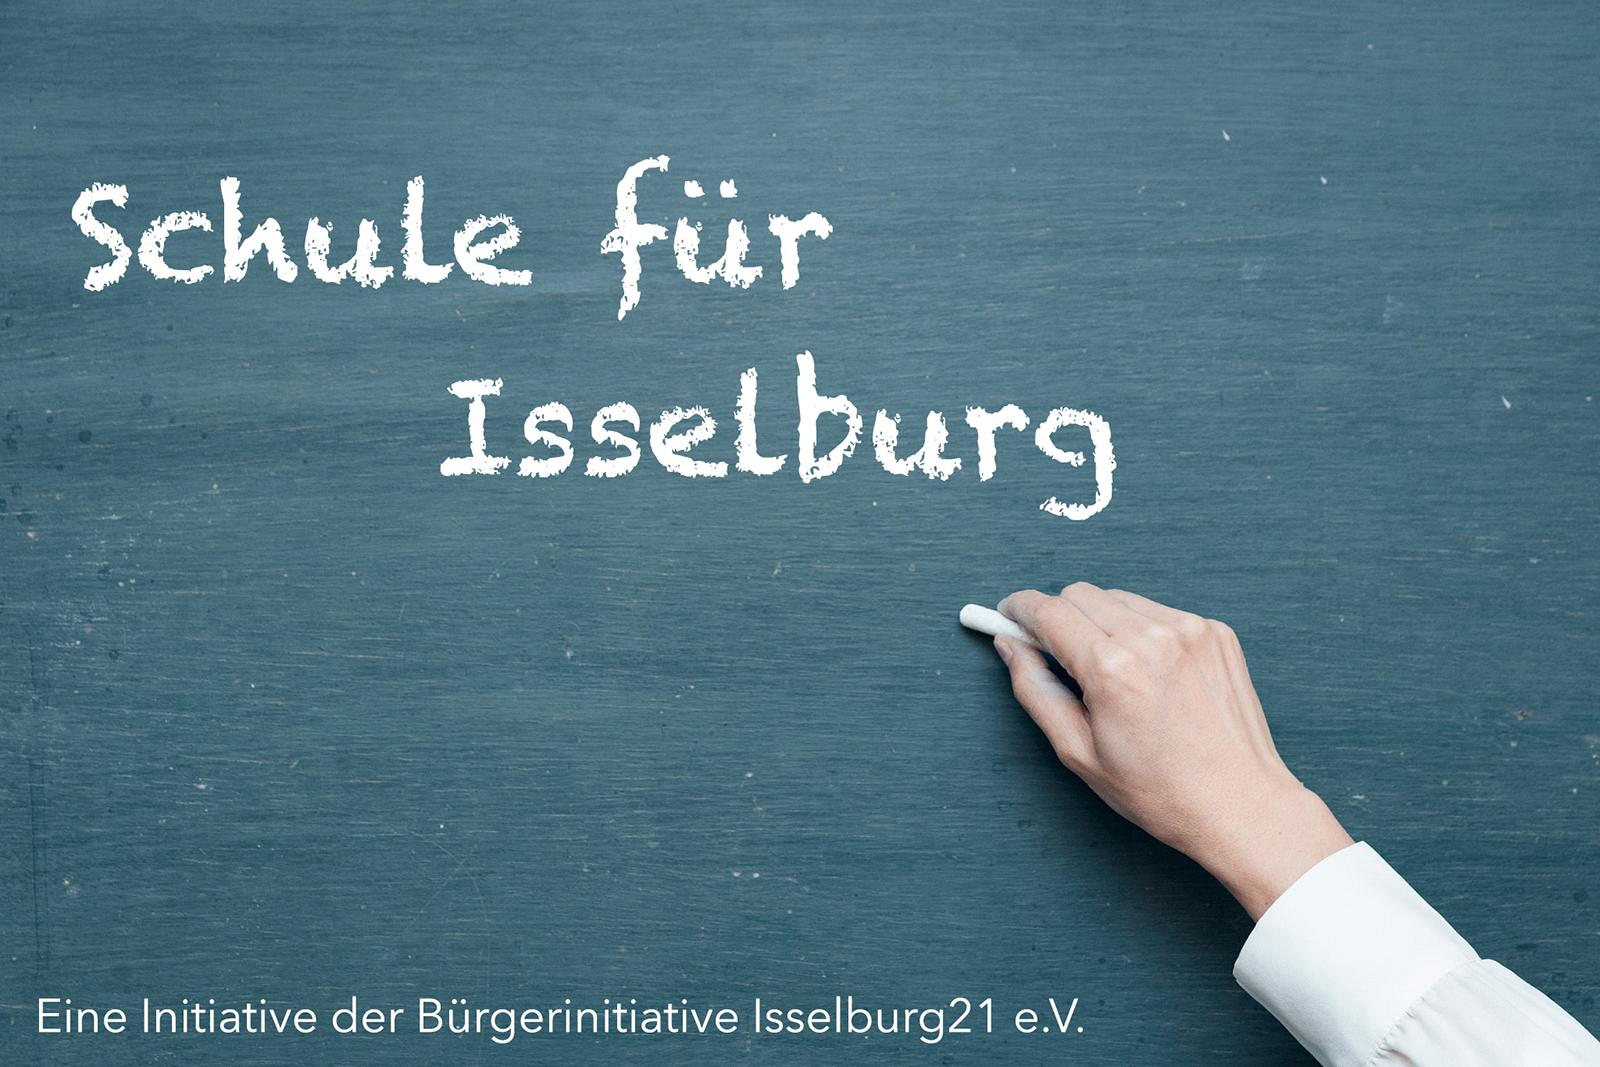 """Gemeinnütziger Verein """"Schule für Isselburg"""" soll am 7. März gegründet werden"""